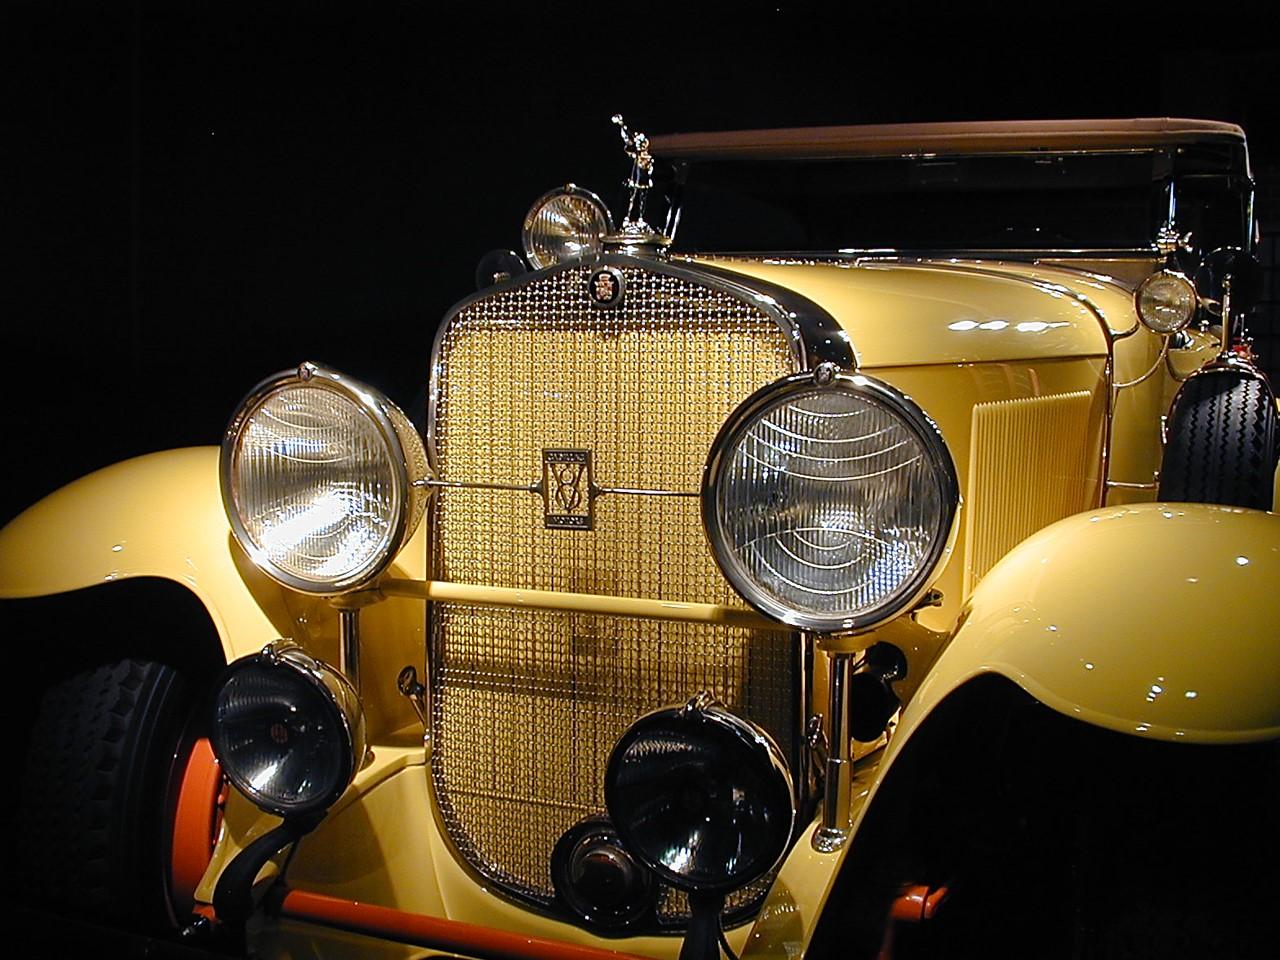 1929 Cadillac V-8 Dual Cowl Phaeton